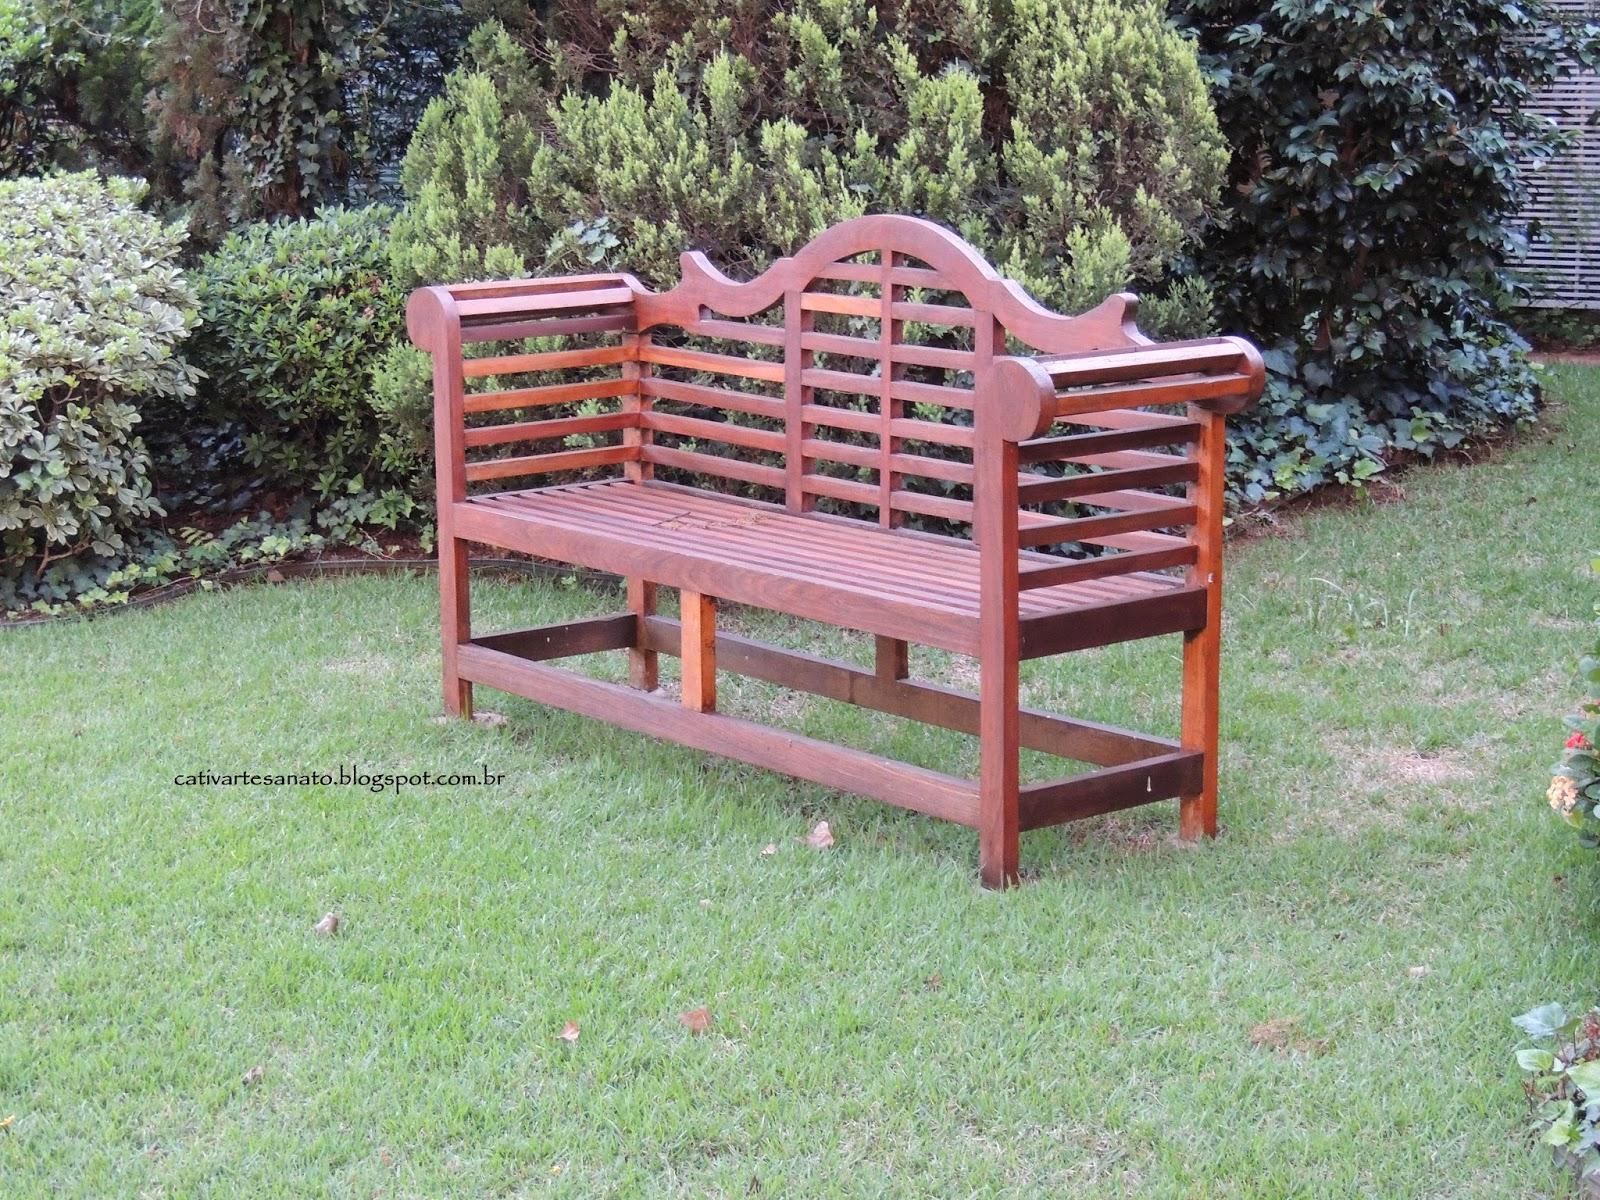 cativa artesanato: Bancos de madeira para jardim Toledo #89424D 1600x1200